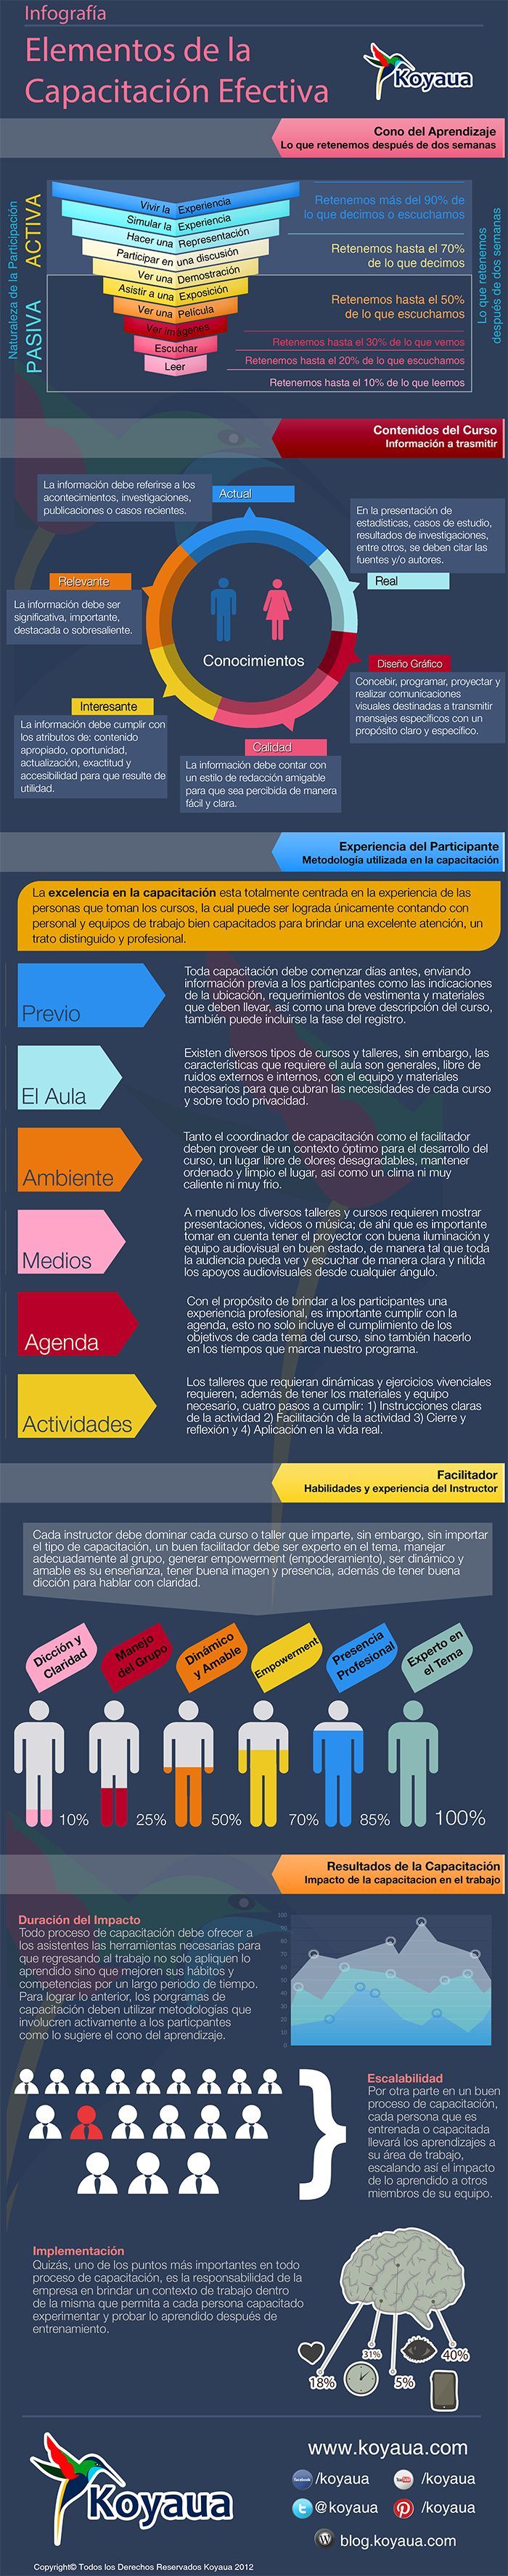 Los elementos fundamentales de una formación efectiva #infografia #infographic #education